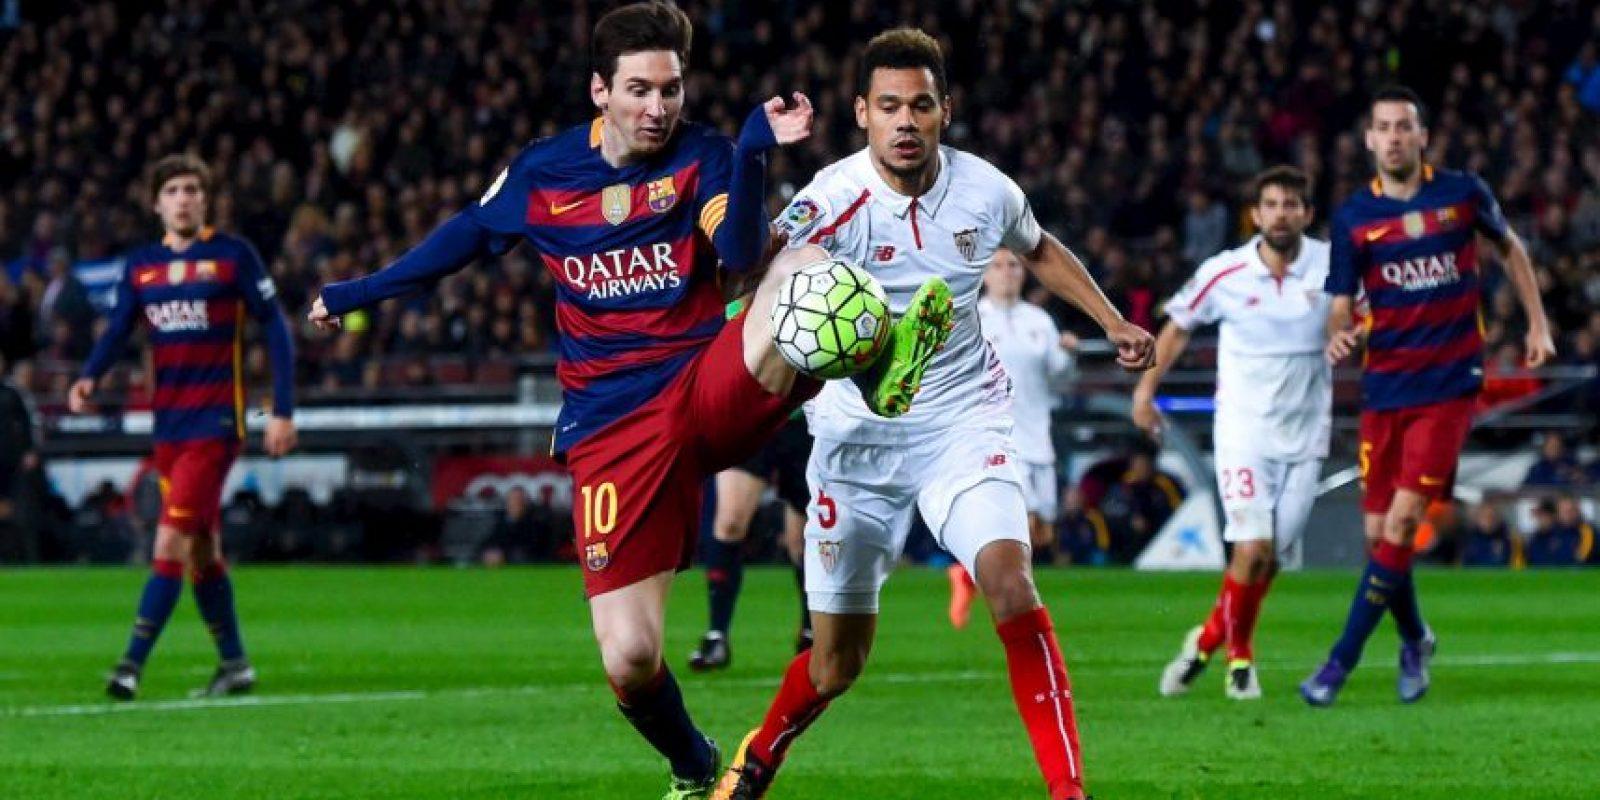 Los culés son los campeones de la Liga de España Foto:Getty Images